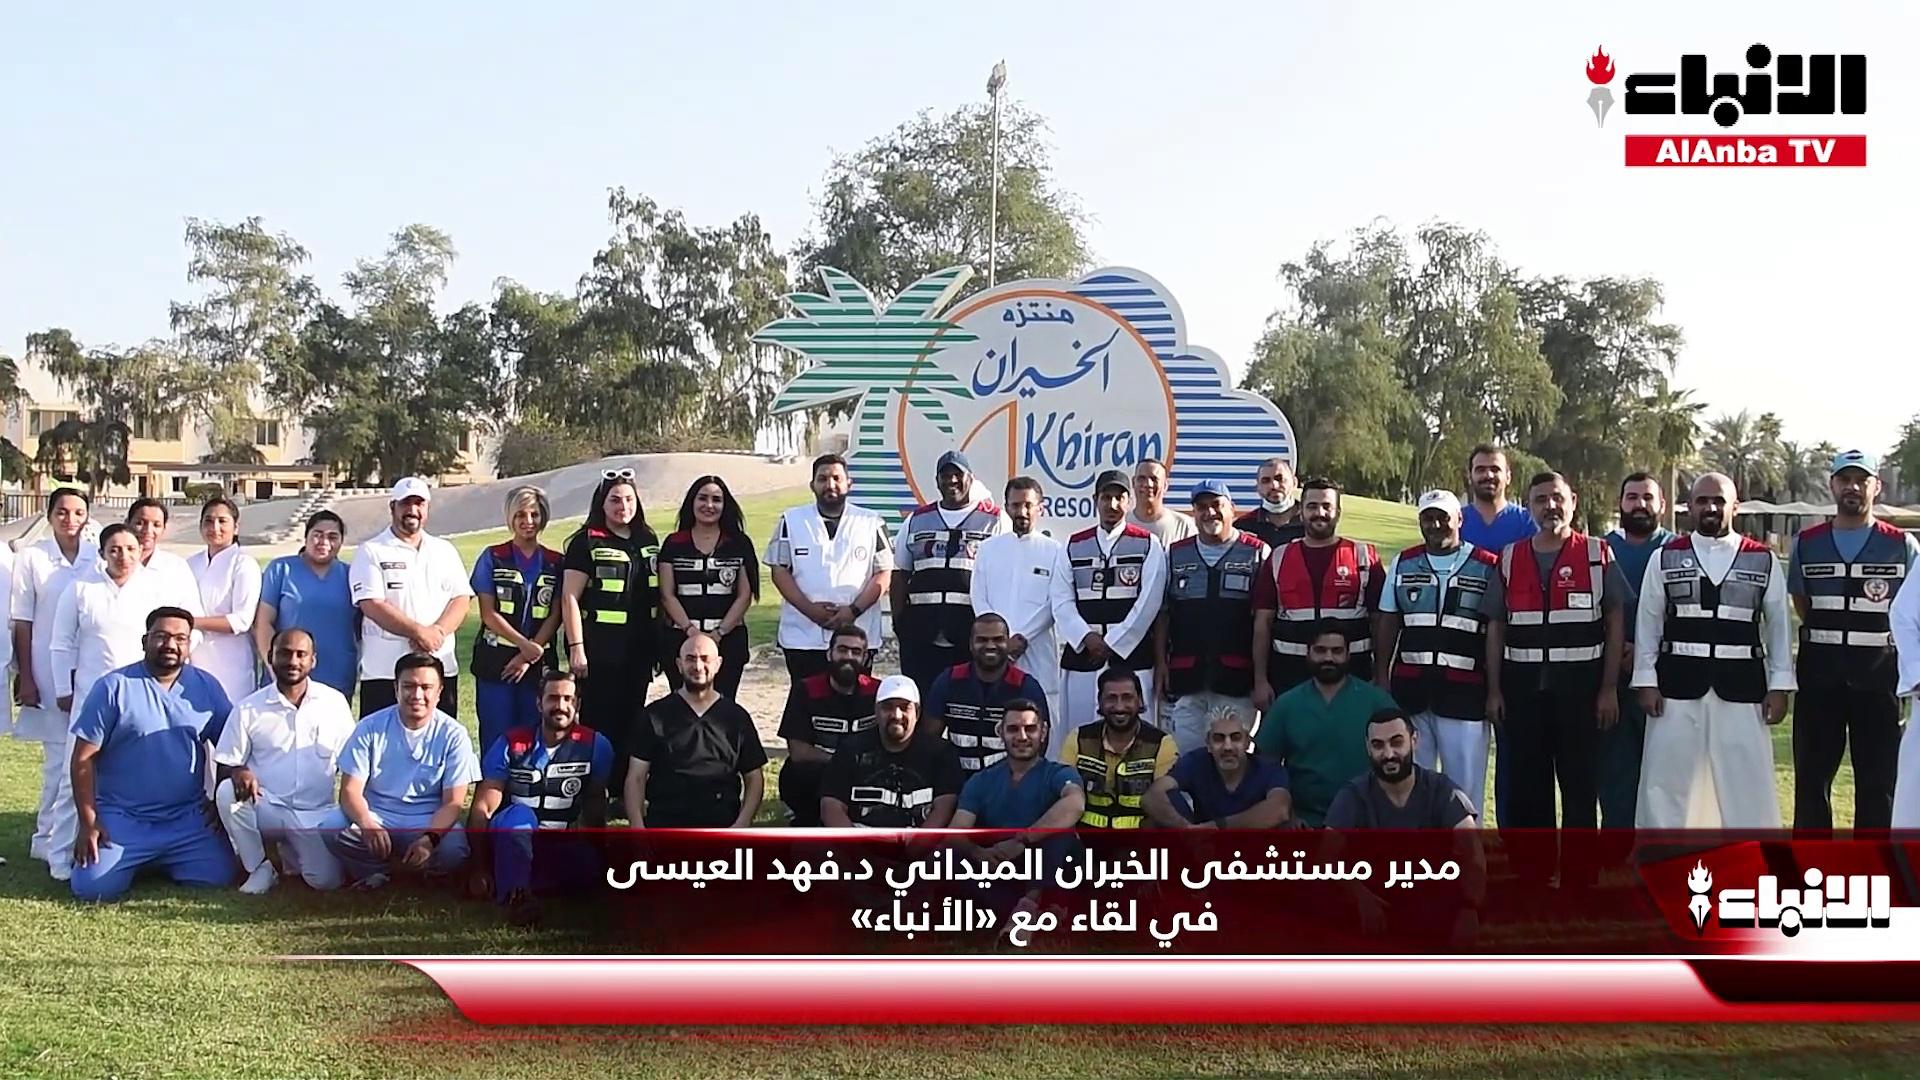 مدير مستشفى الخيران الميداني د.فهد العيسى في لقاء مع «الأنباء»